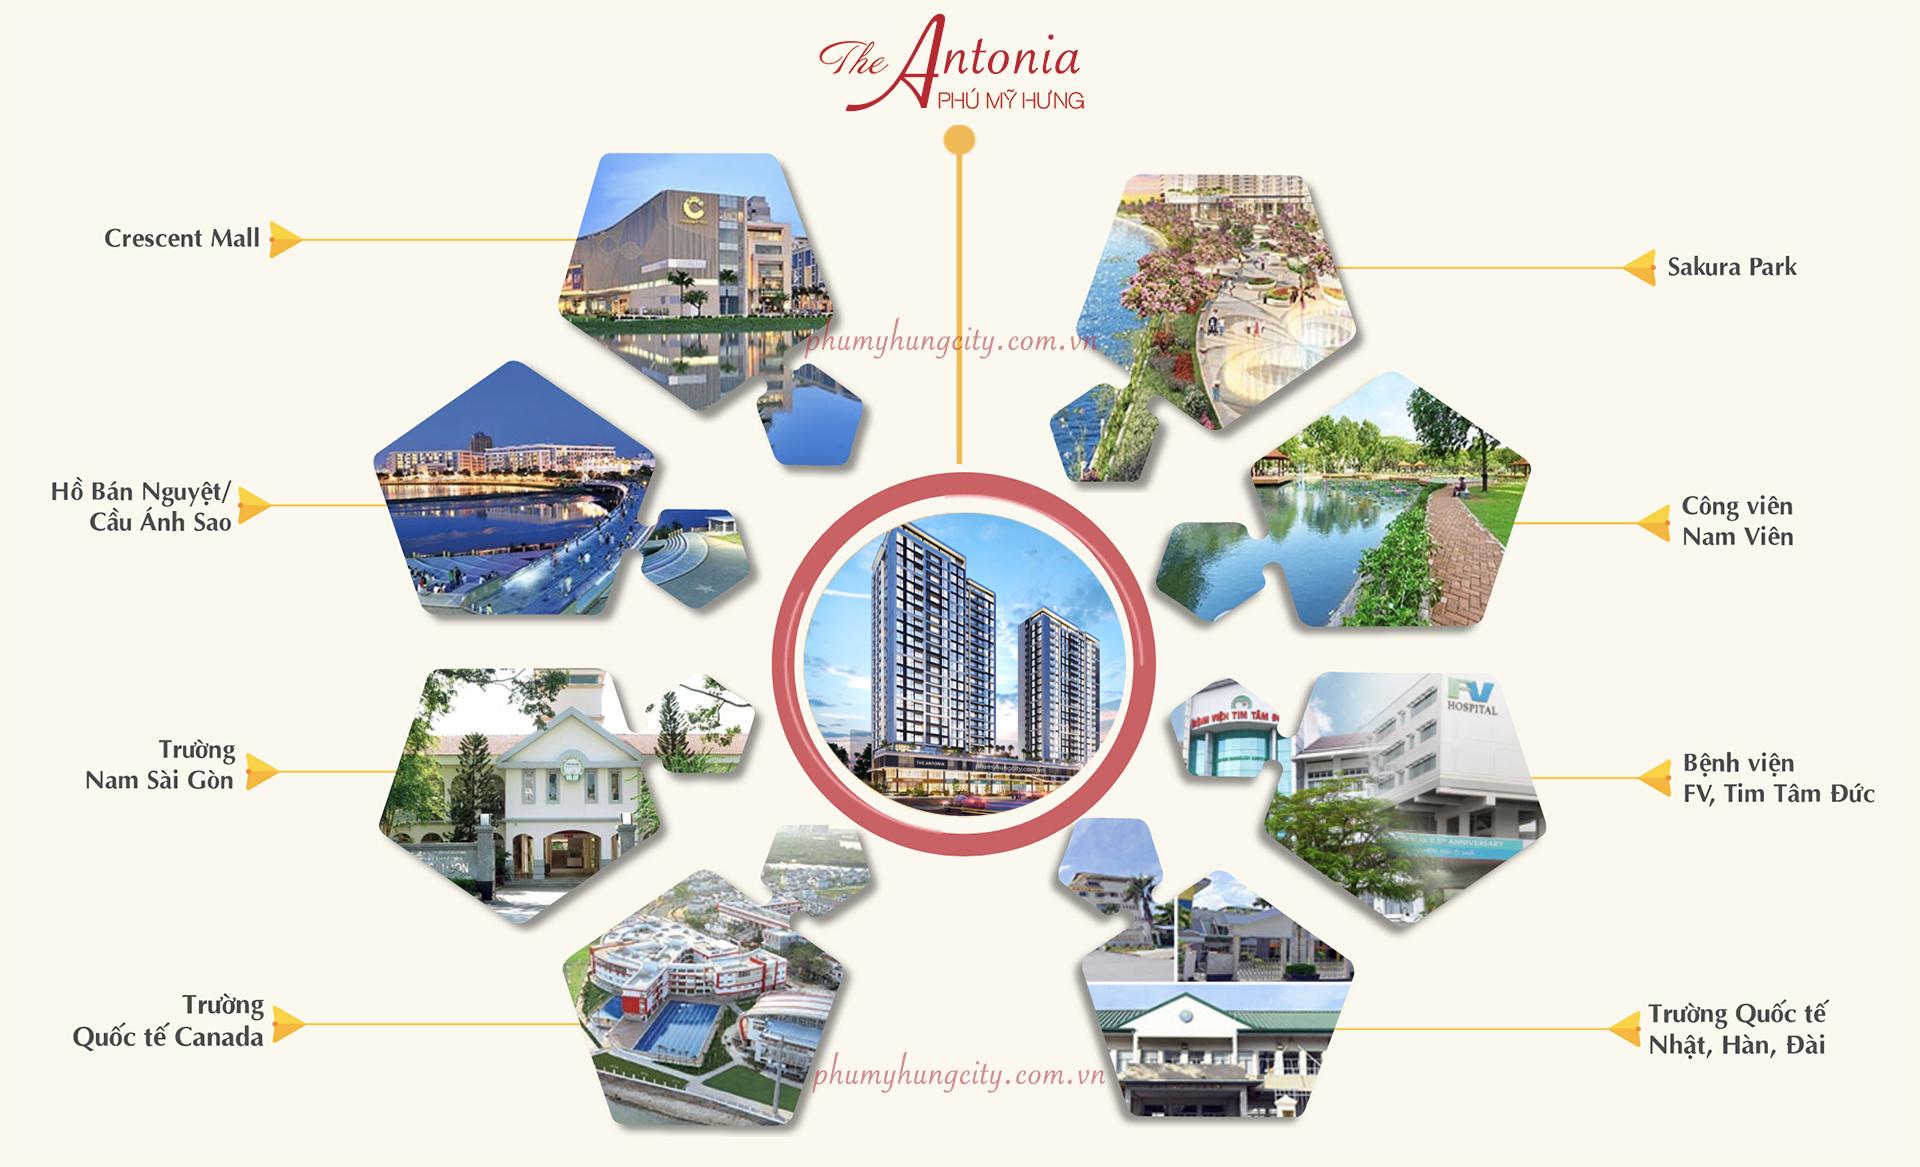 liên kết vùng dự án the antonia